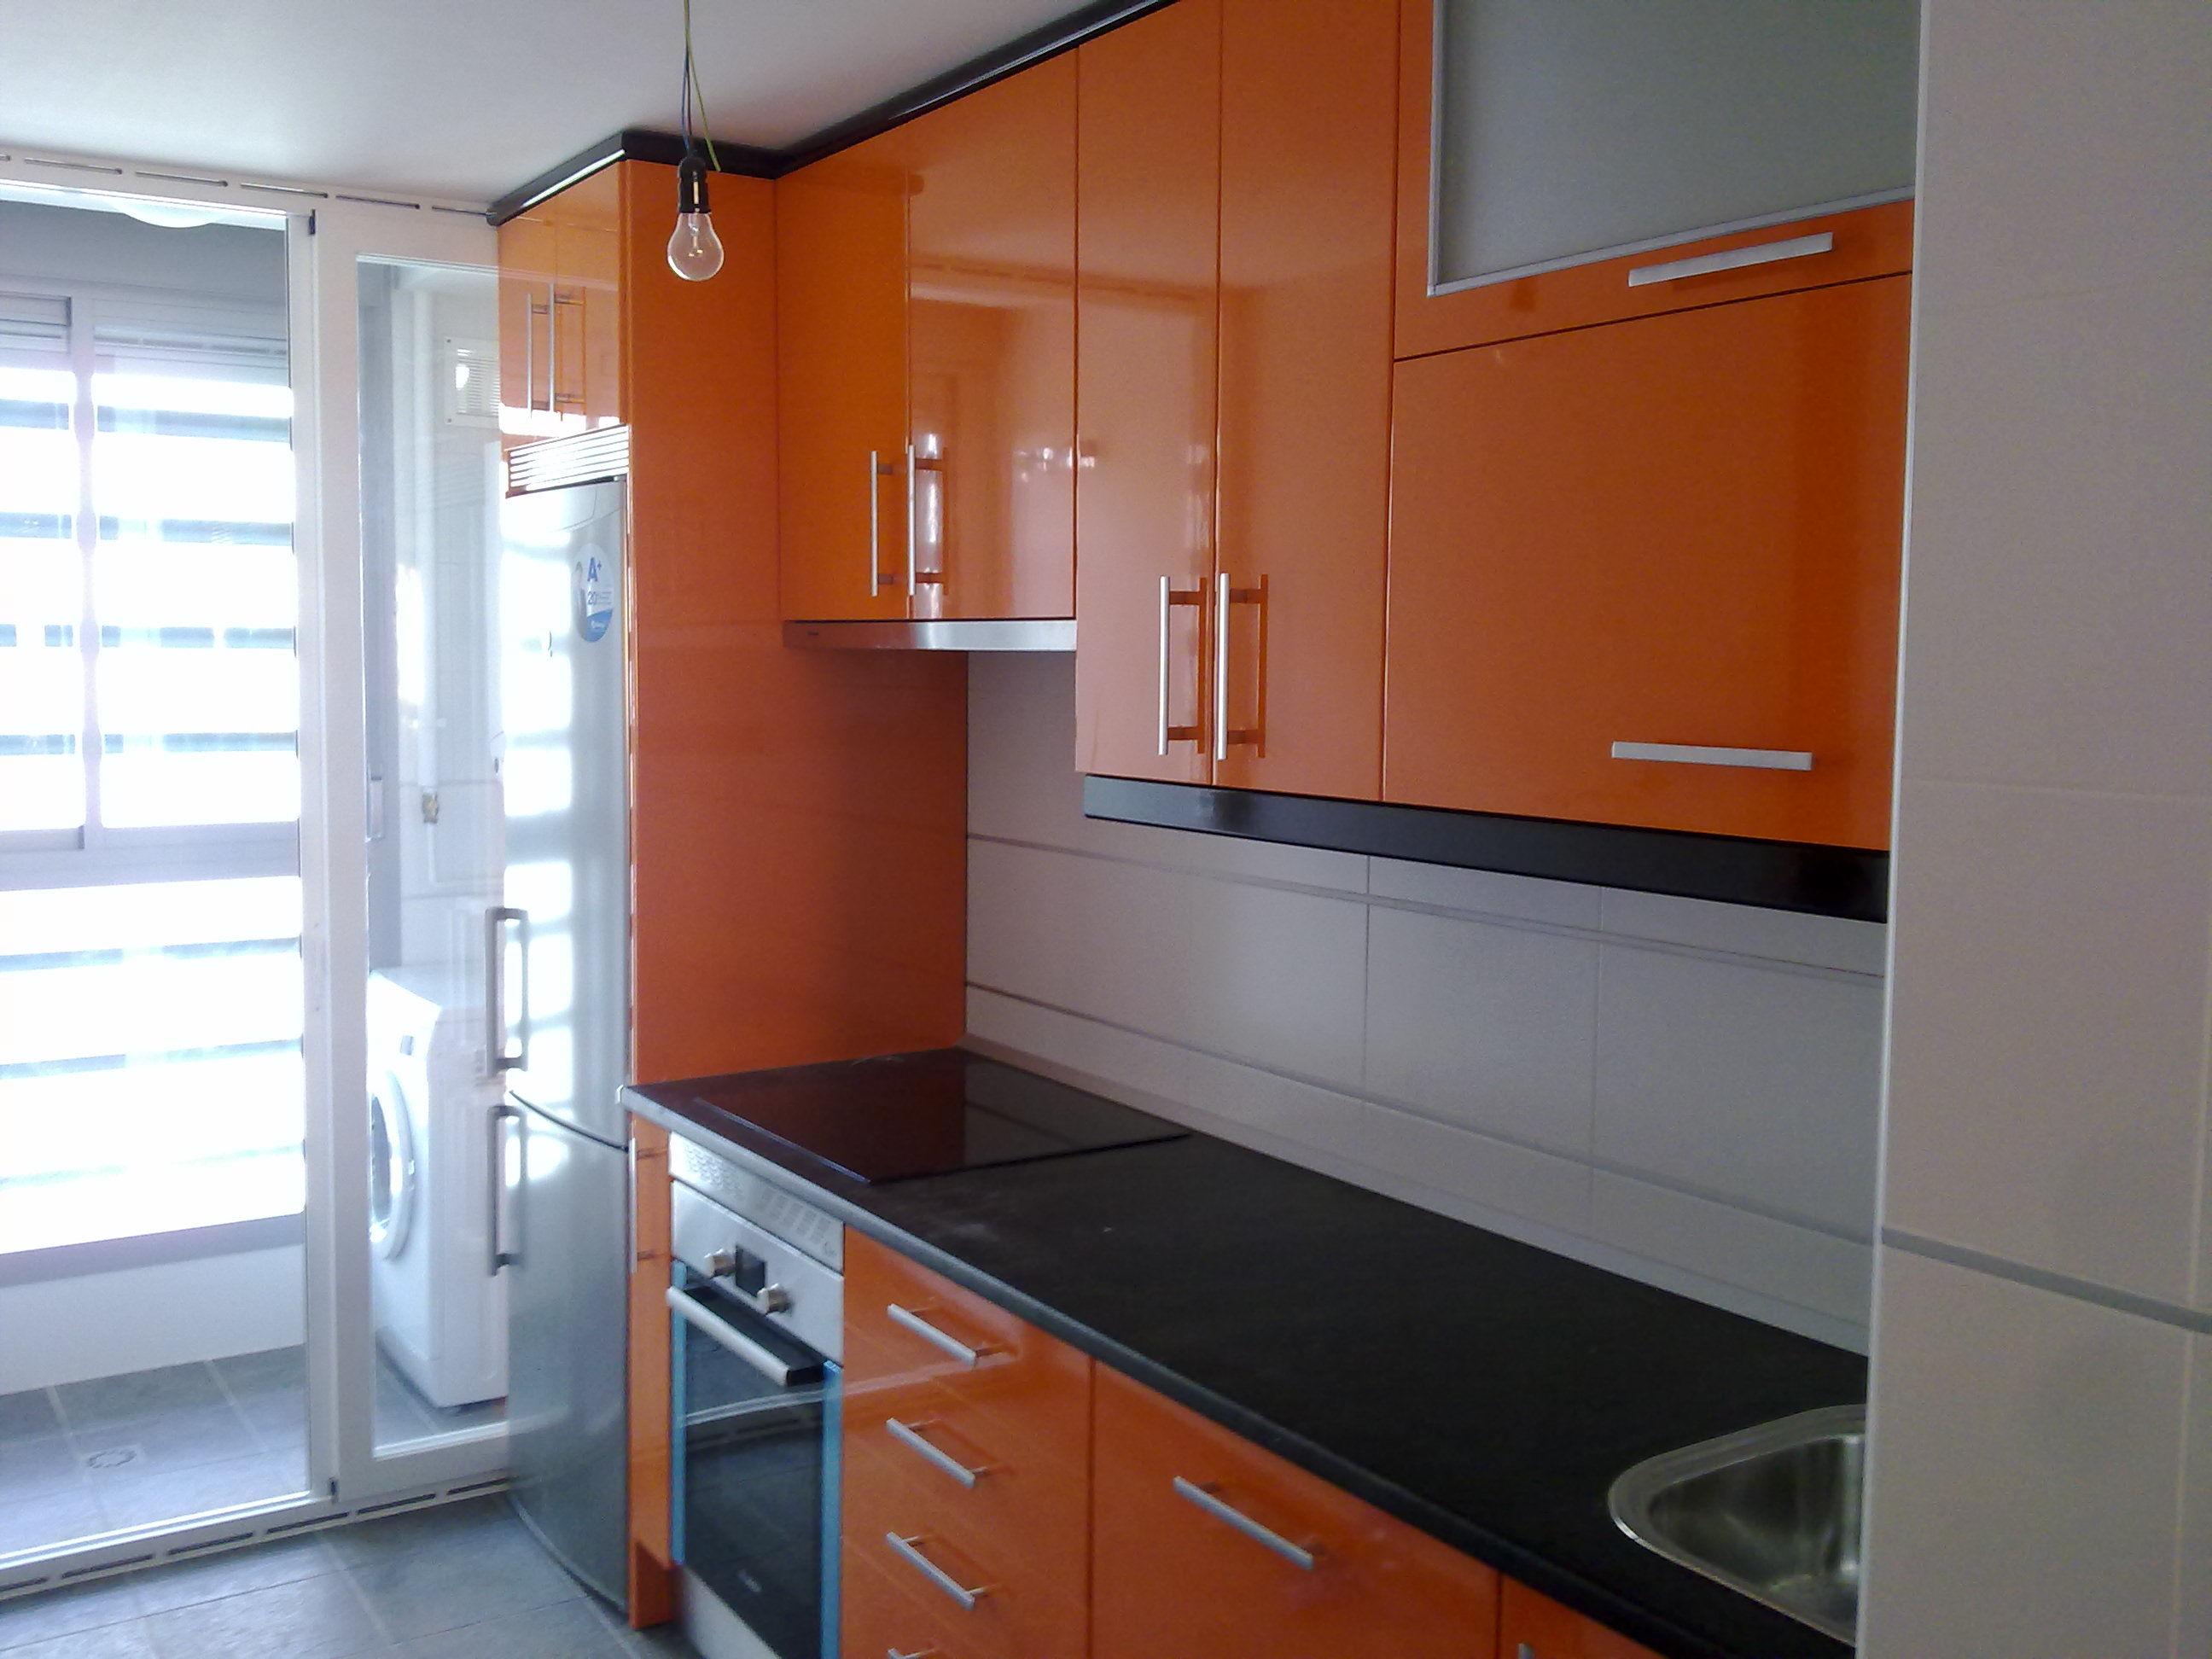 Comprar Muebles Cocina | Mueble De Cocina Para Fregadero De ...